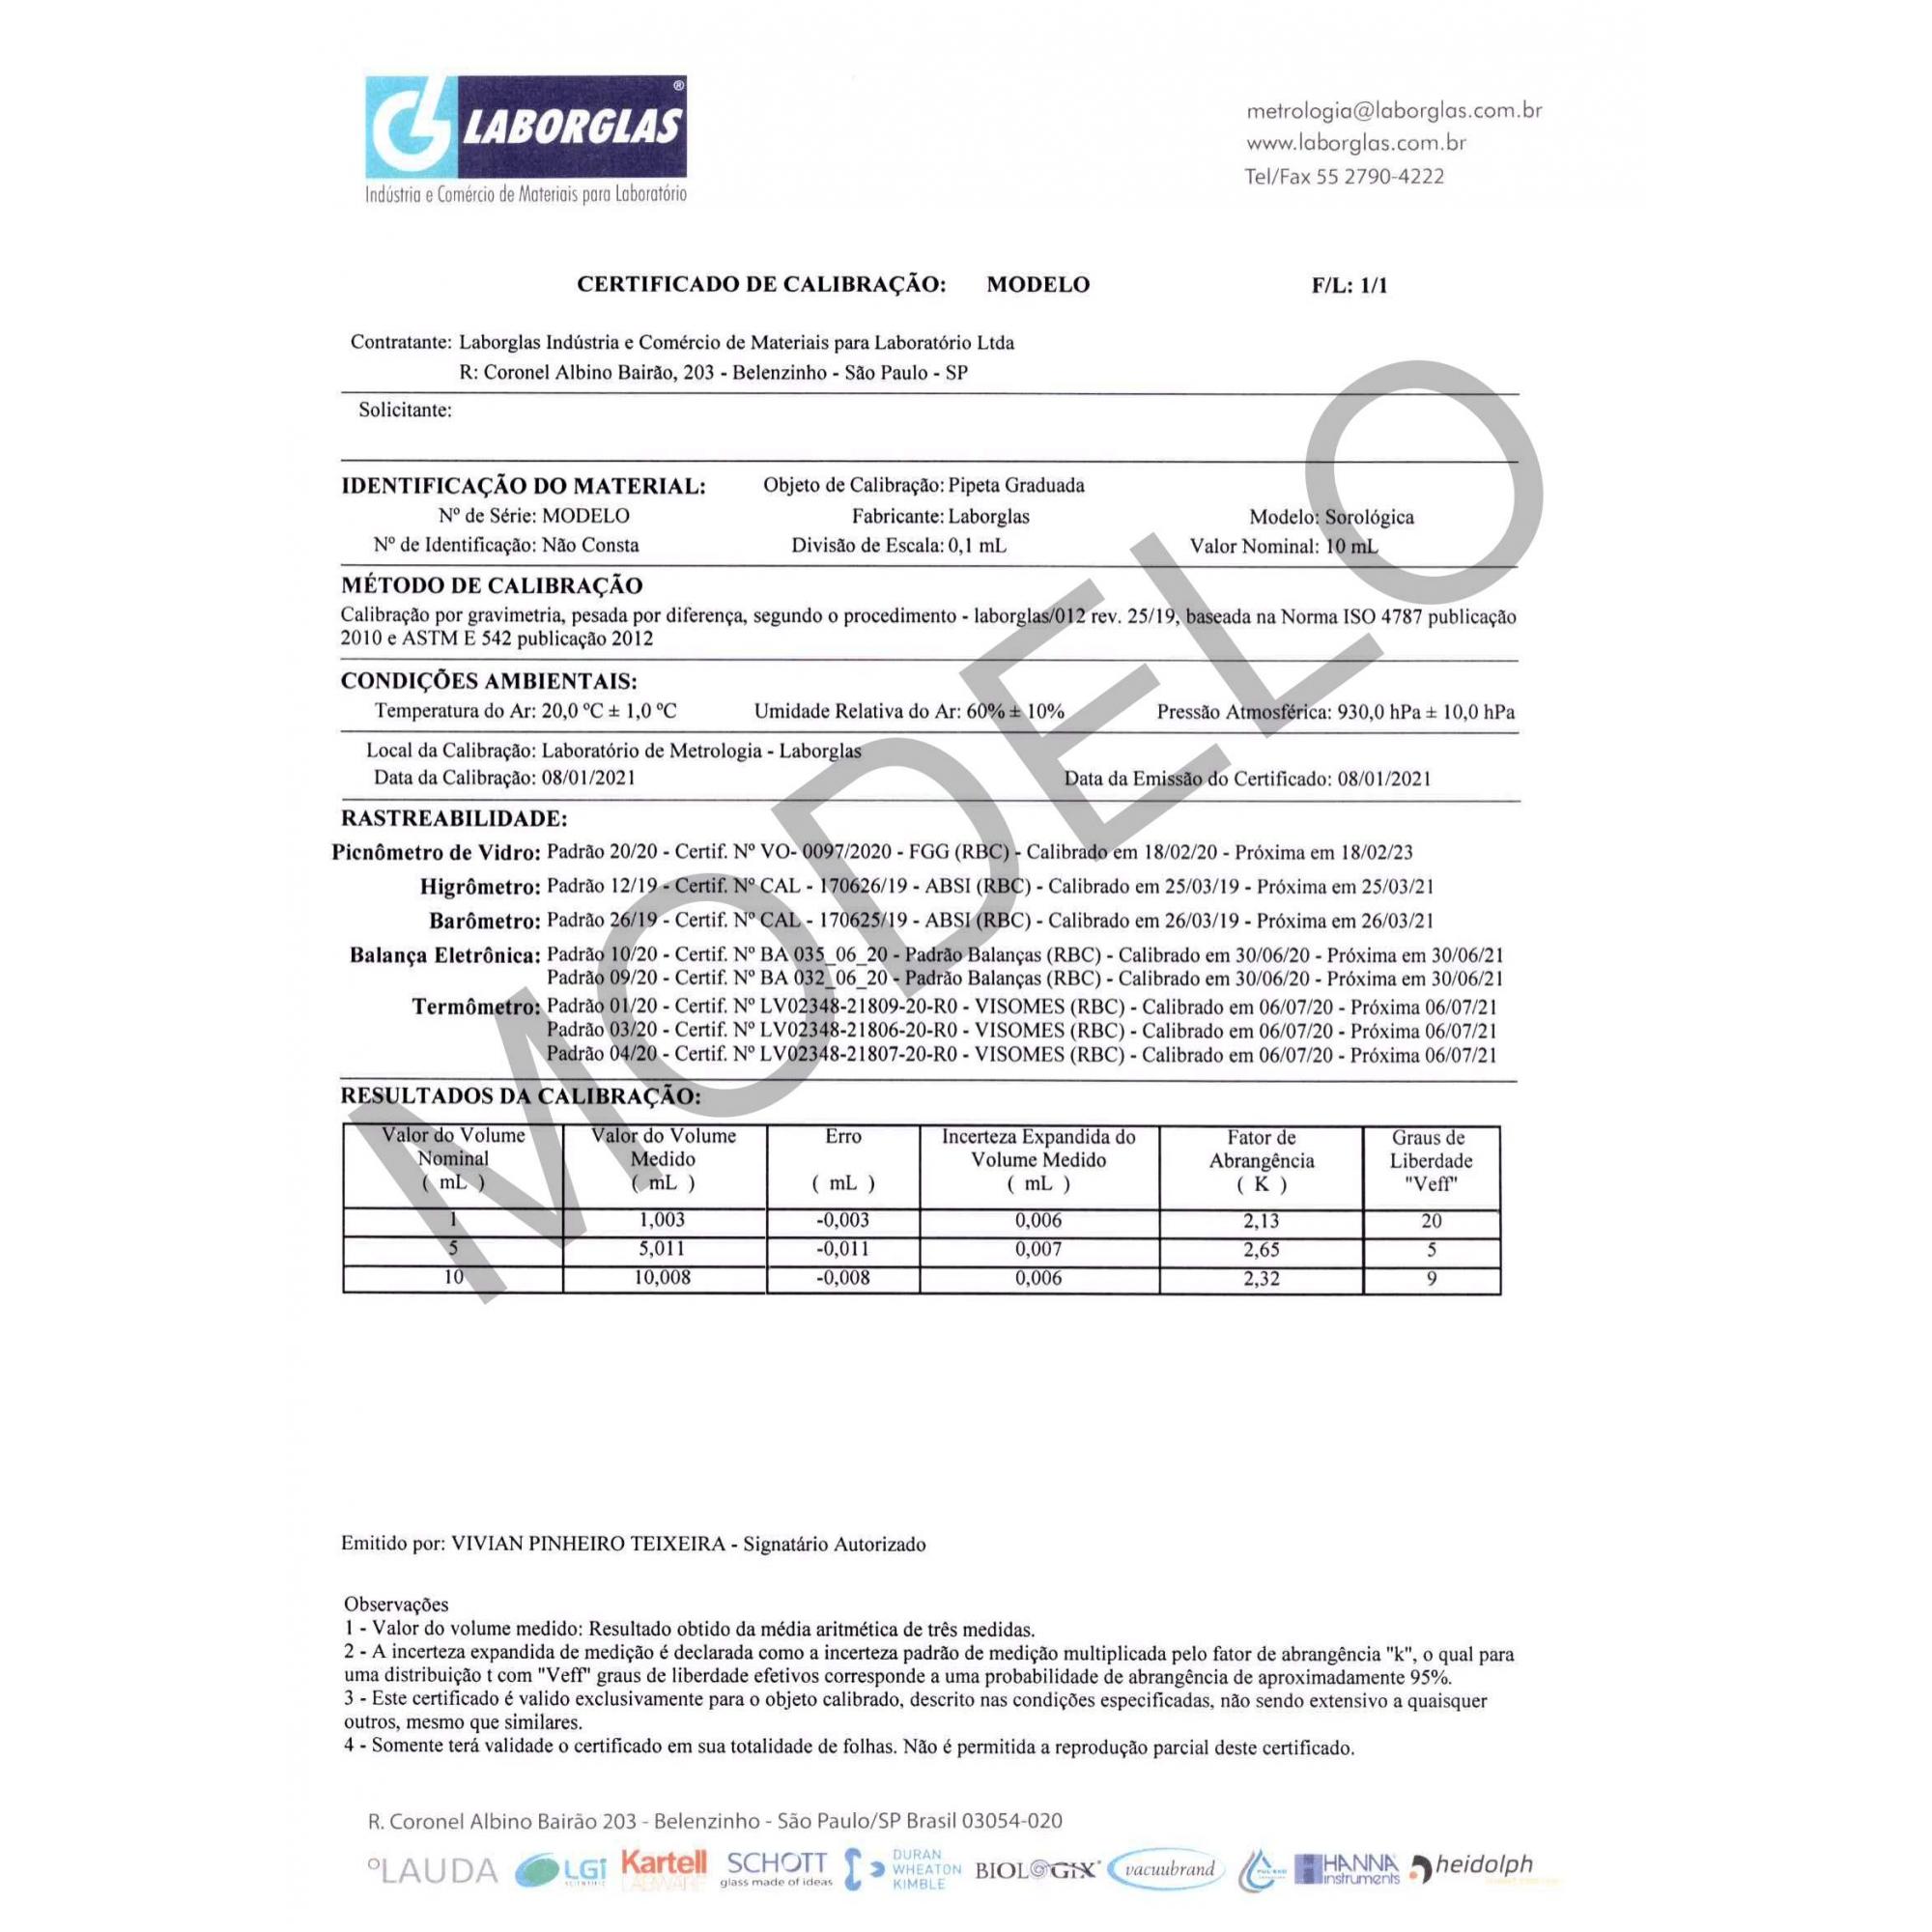 PIPETA GRADUADA SOROLÓGICA ESGOTOTAMENTO TOTAL 1 ML 1/100 CLASSE A COM CERTIFICADO RASTREÁVEL - Laborglas - Cód. 9443607-C